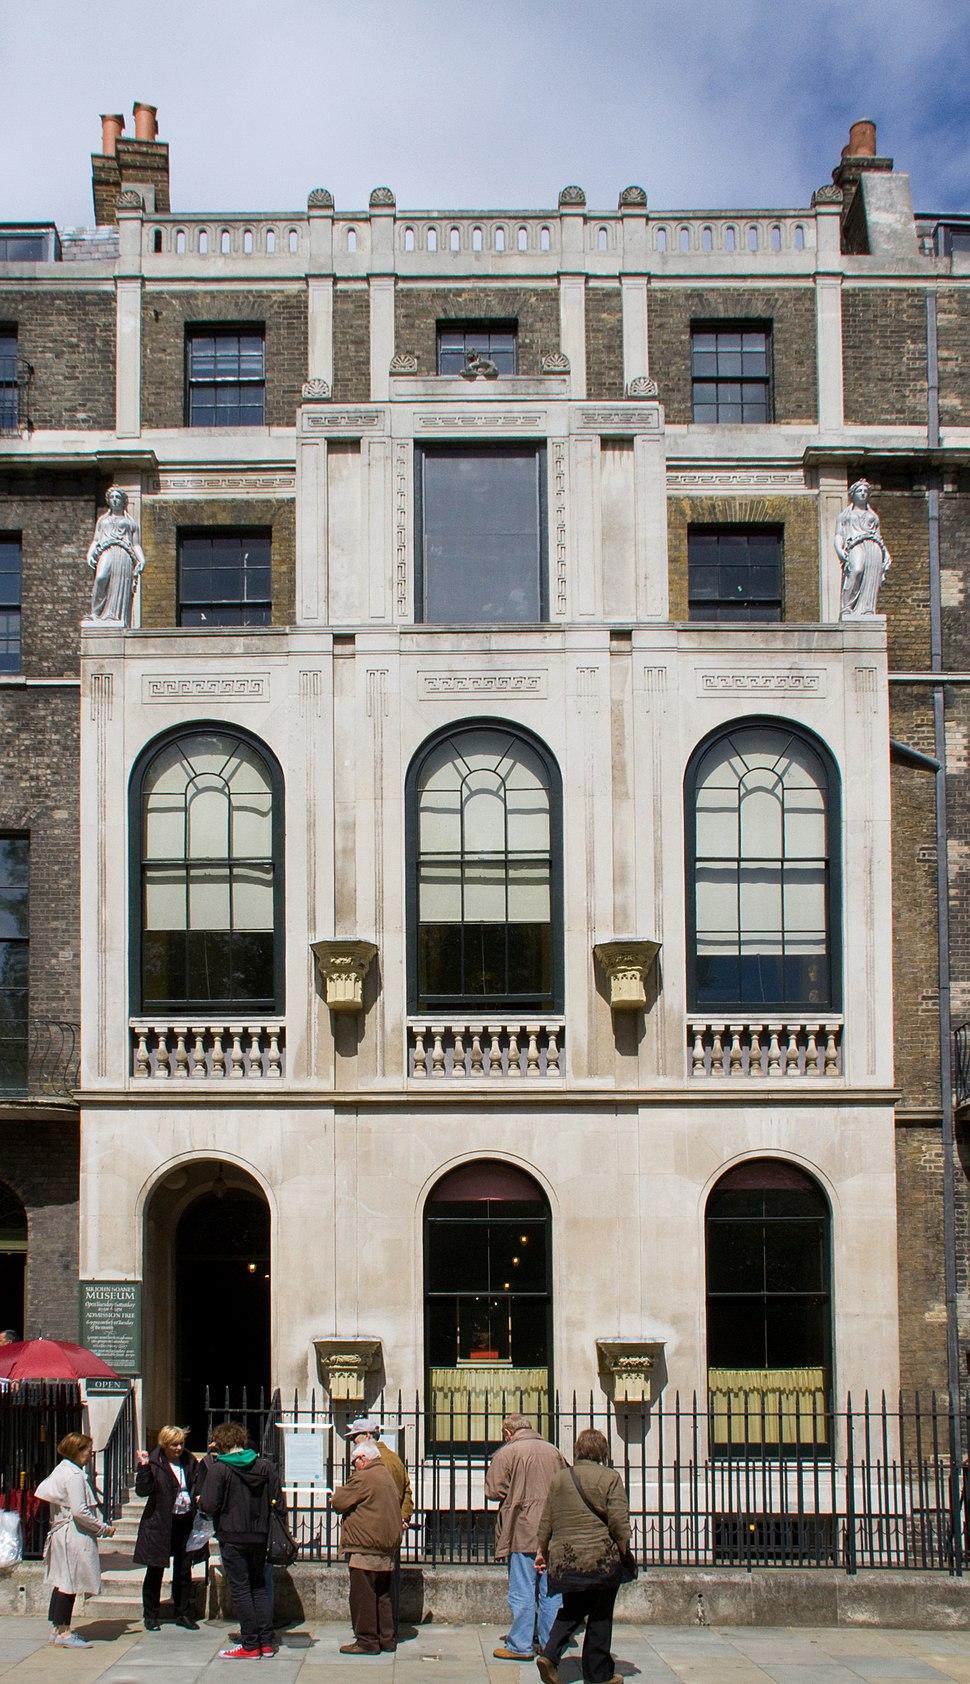 Sir John Soane Museum (13952611347)